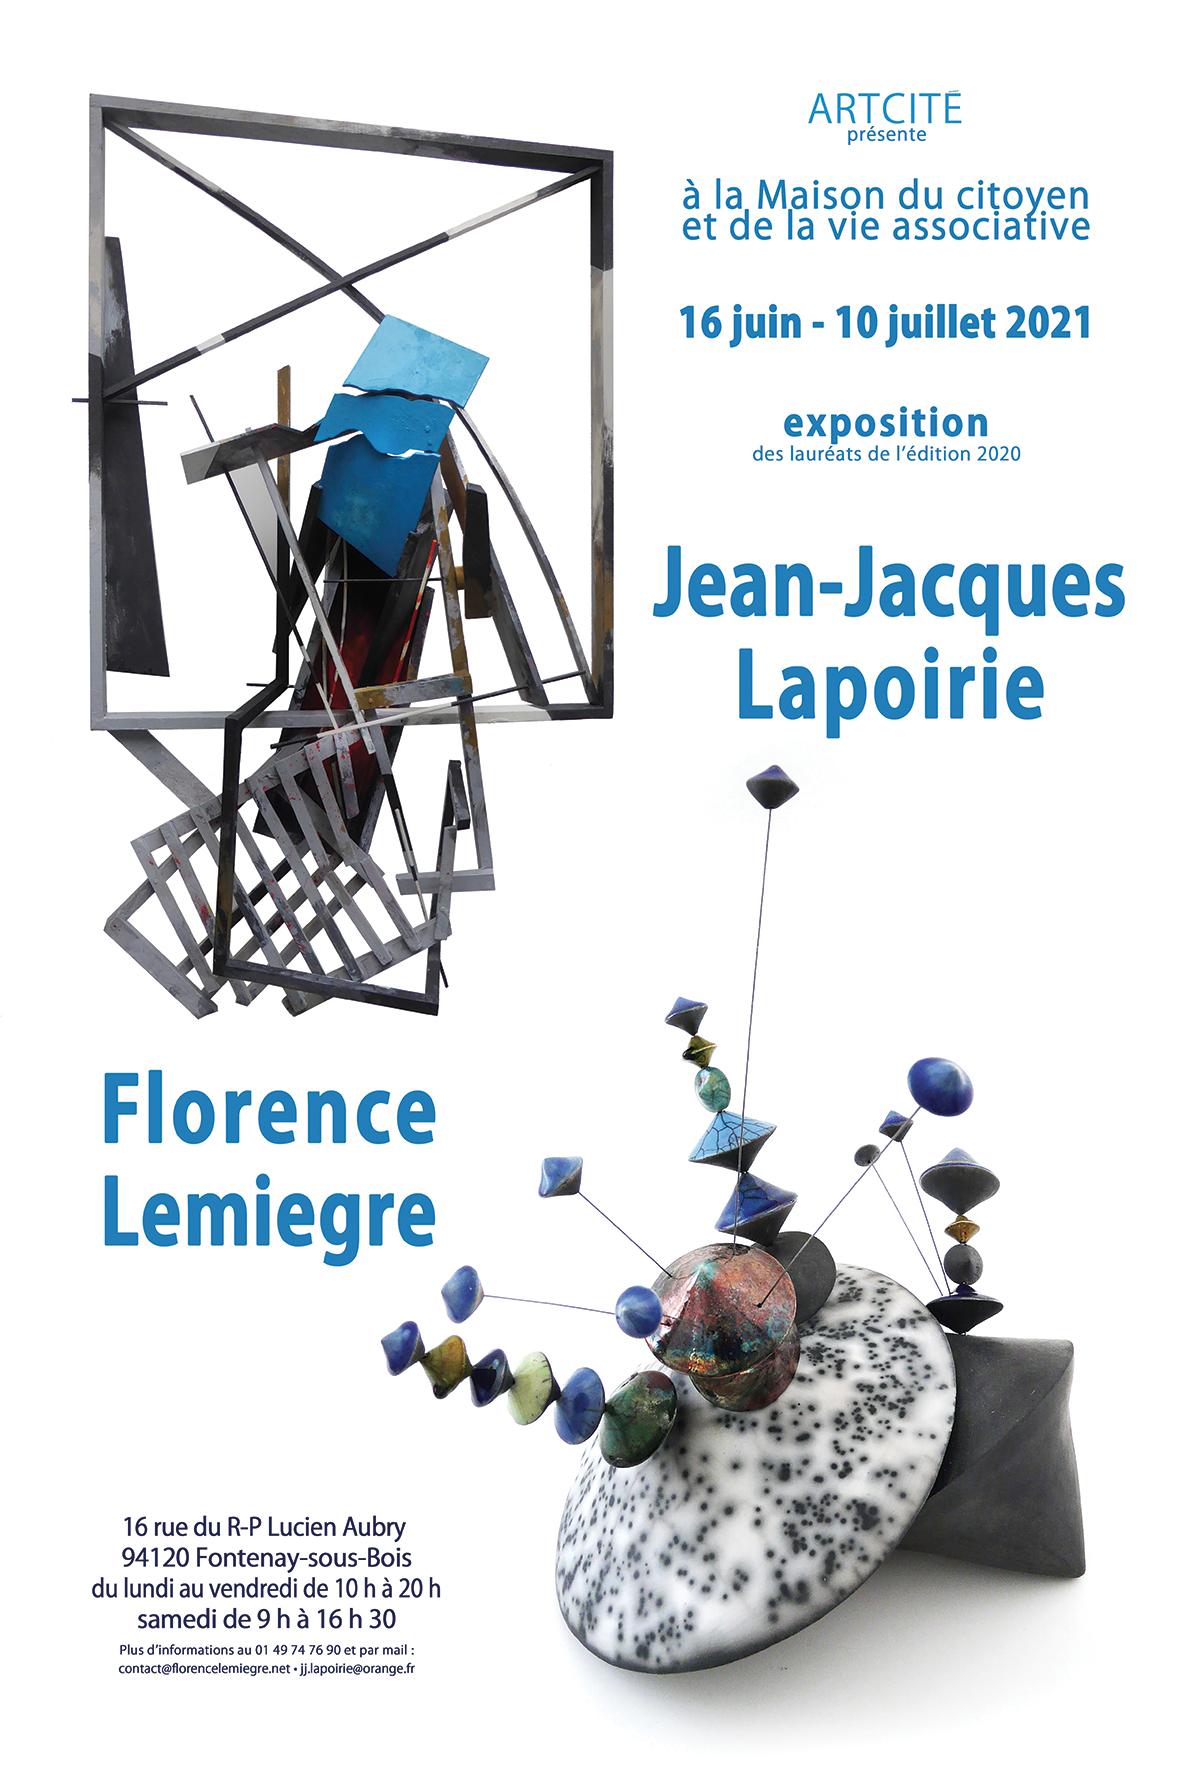 Affiche EXPOSITION JEAN-JACQUES LAPOIRIE & FLORENCE LEMIEGRE - LAURÉATE SCULPTURE ARCITÉ 2020 - MAISON DU CITOYEN FONTENAY-SOUS-BOIS- 15 AU 10 JUILLET 2021